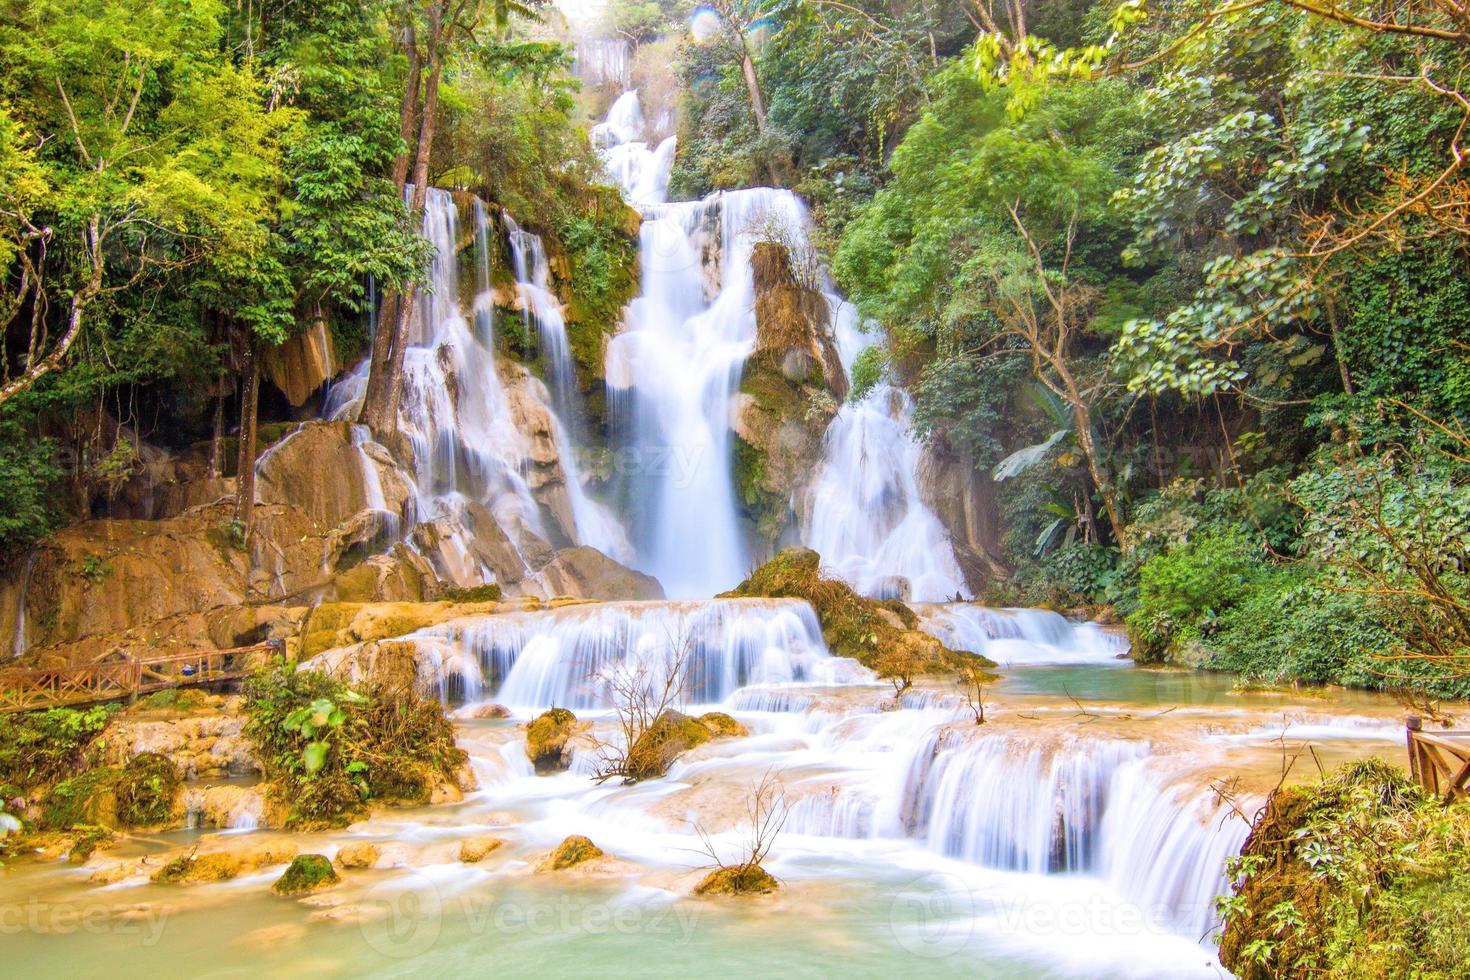 l'acqua cade questo simbolo in laos foto